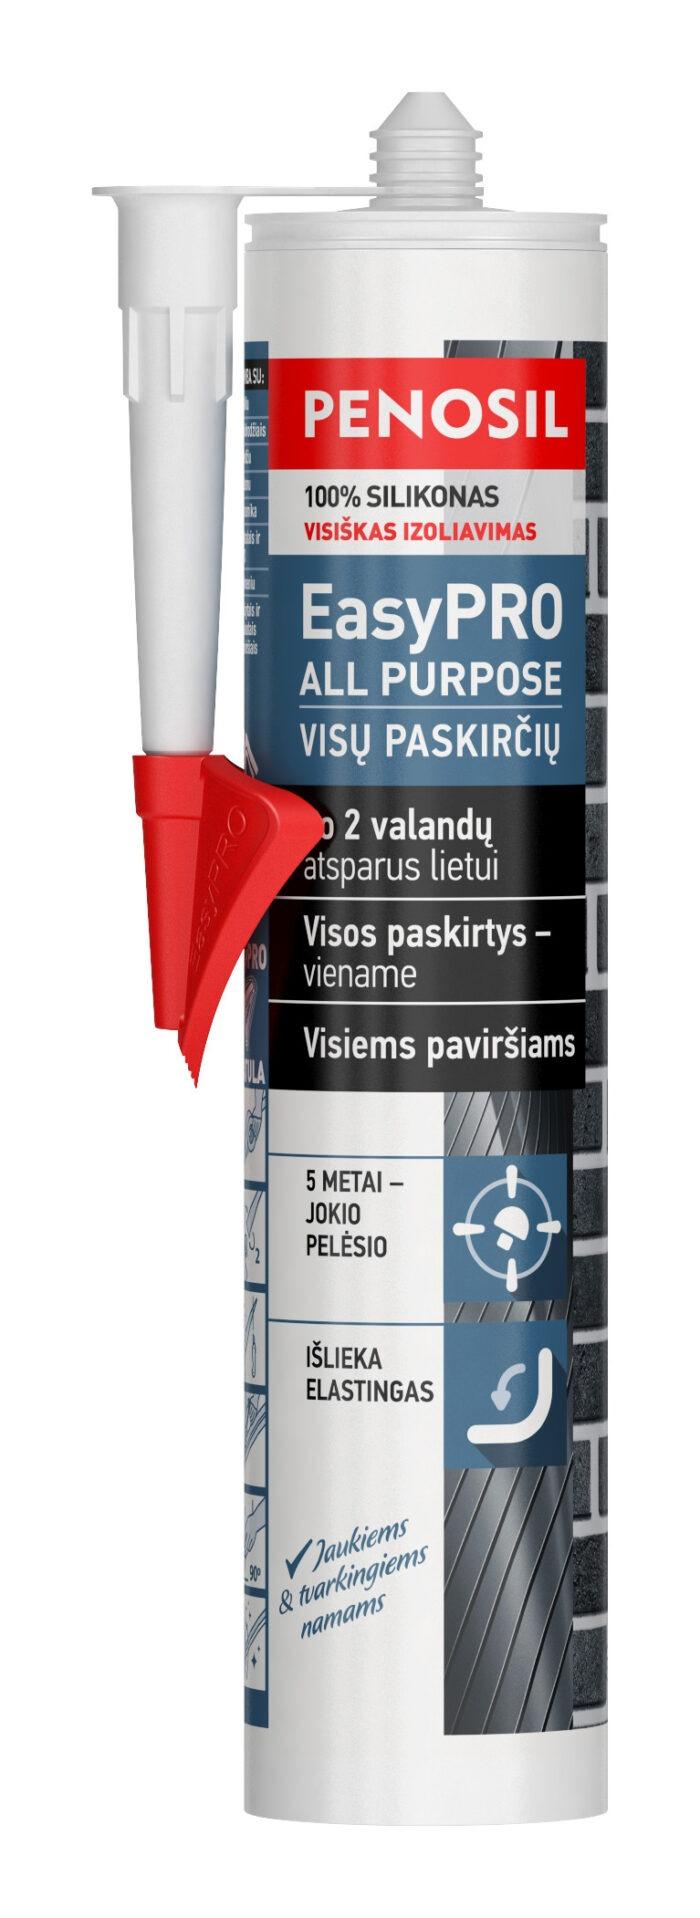 Penosil EasyPRO All Purpose universalus statybinis silikonas visiems darbams